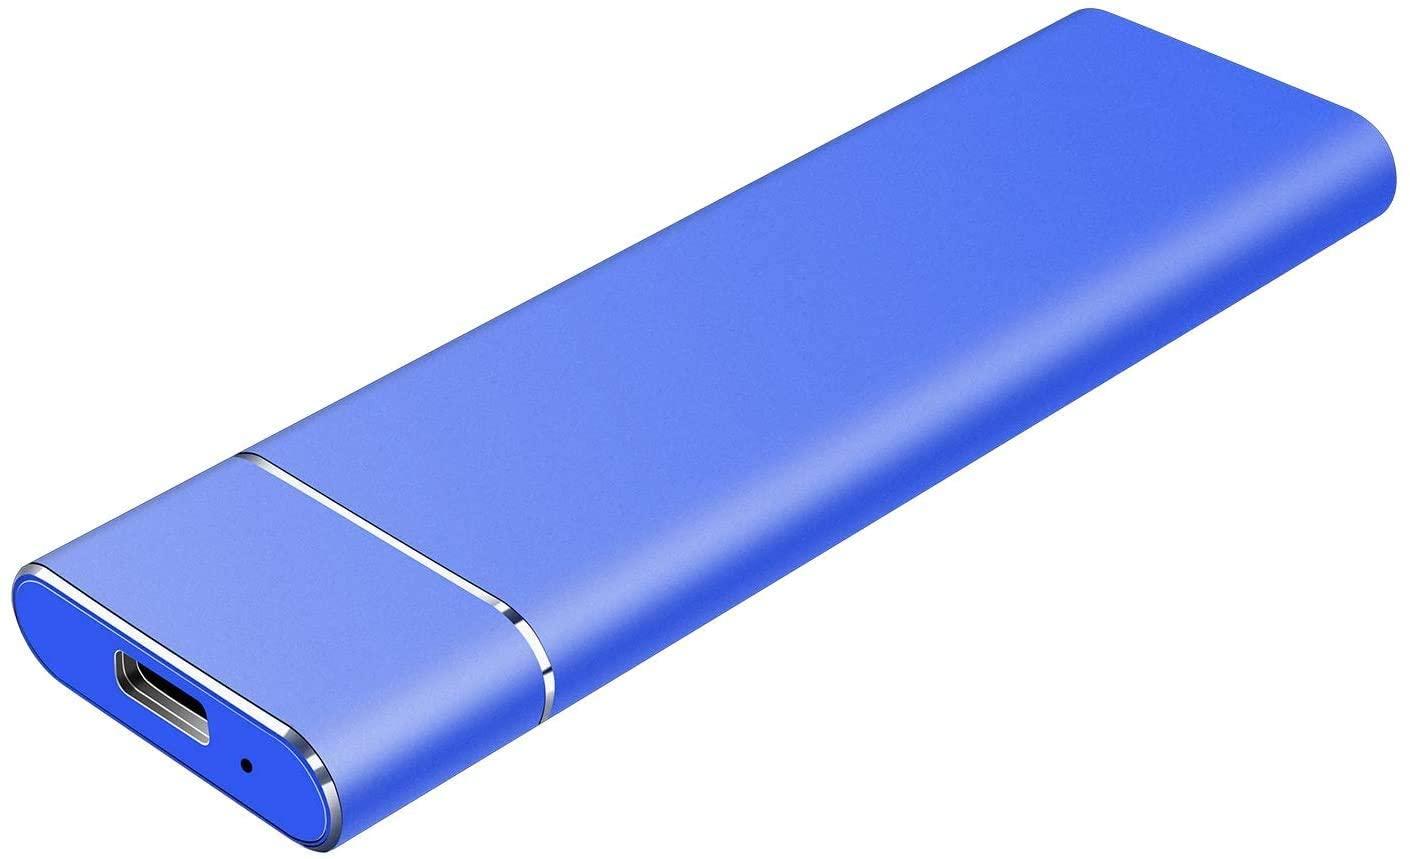 External Hard Drive 1T 2T, Slim Aluminum USB3.0 HDD Storage for PC, Mac, Desktop, MacBook, Chromebook, Xbox 360(1TB Blue)